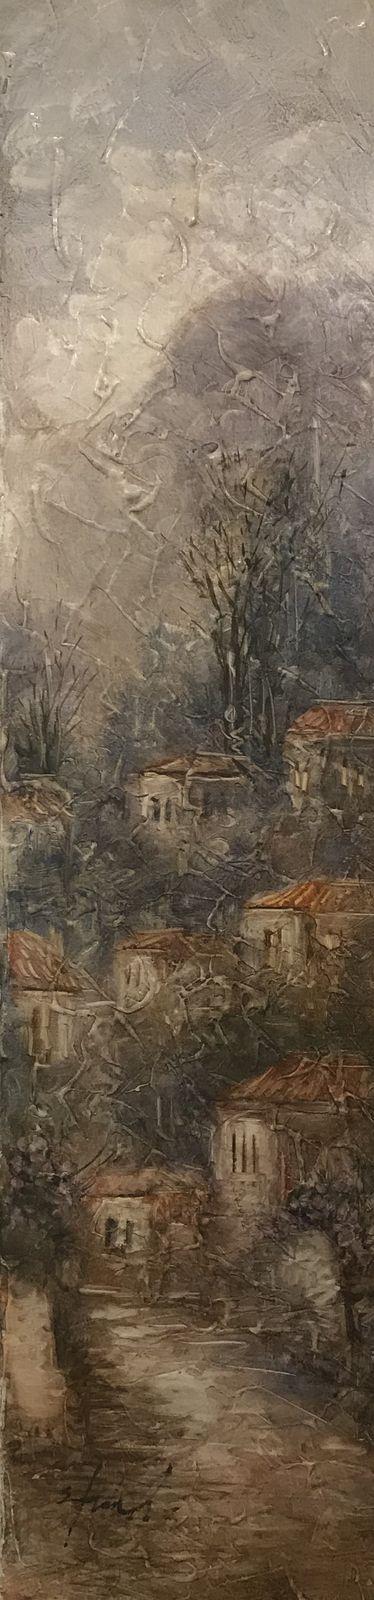 Σταματίνα Μαρνέζου 20×80 Ακρυλικά σε καμβά Stamatina Marnezou 20×80 Acrylics on canvas